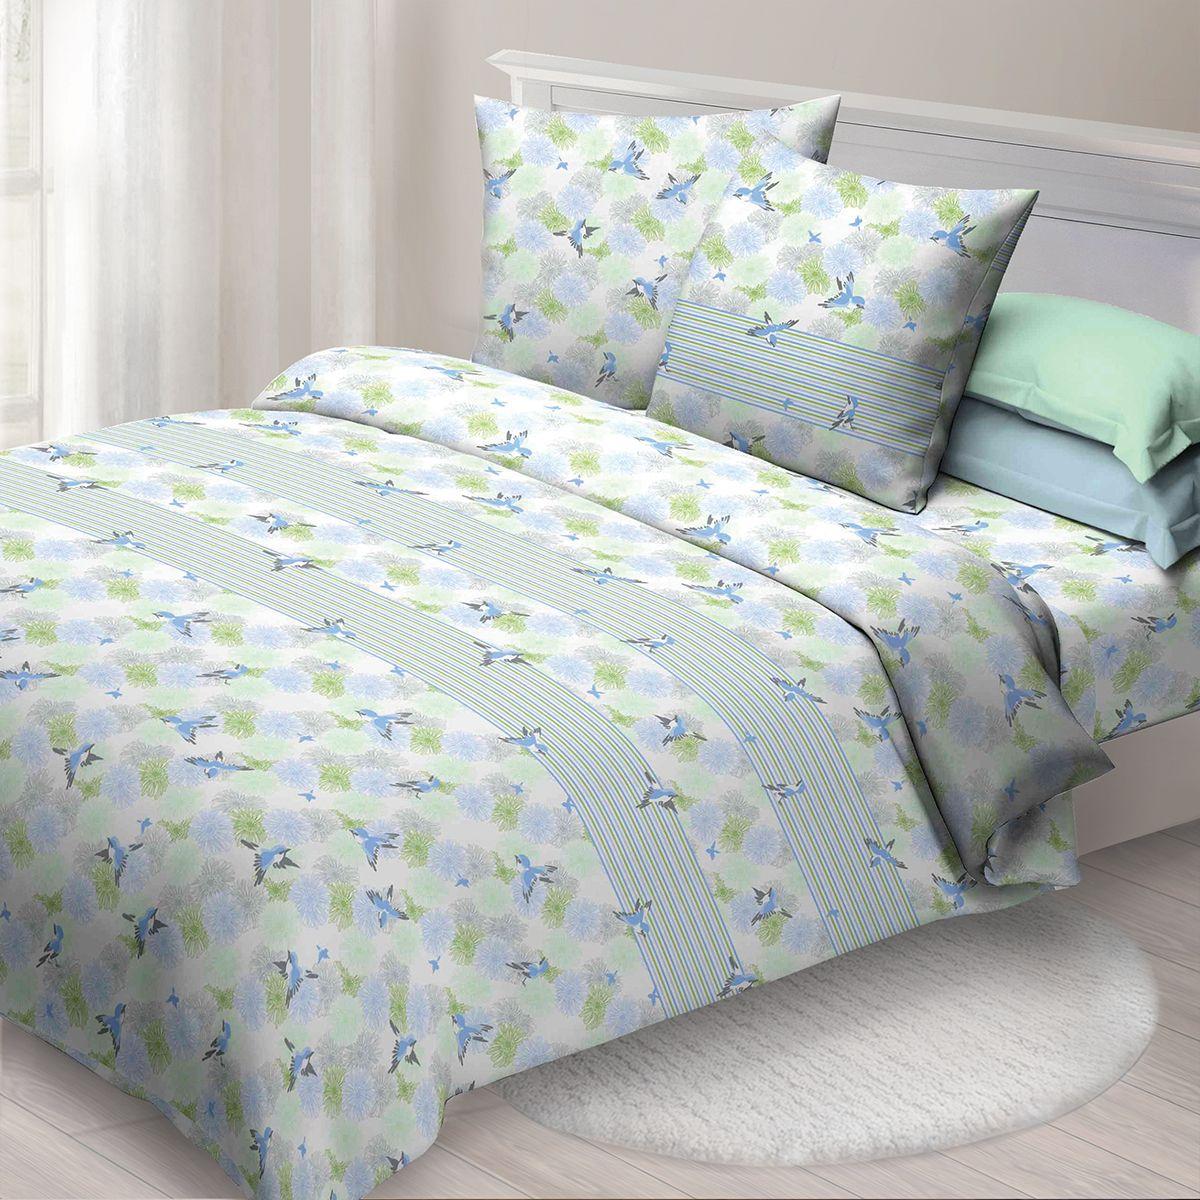 Комплект белья Спал Спалыч Ариана, 1,5 спальное, наволочки 70x70, цвет: голубой. 4085-284189